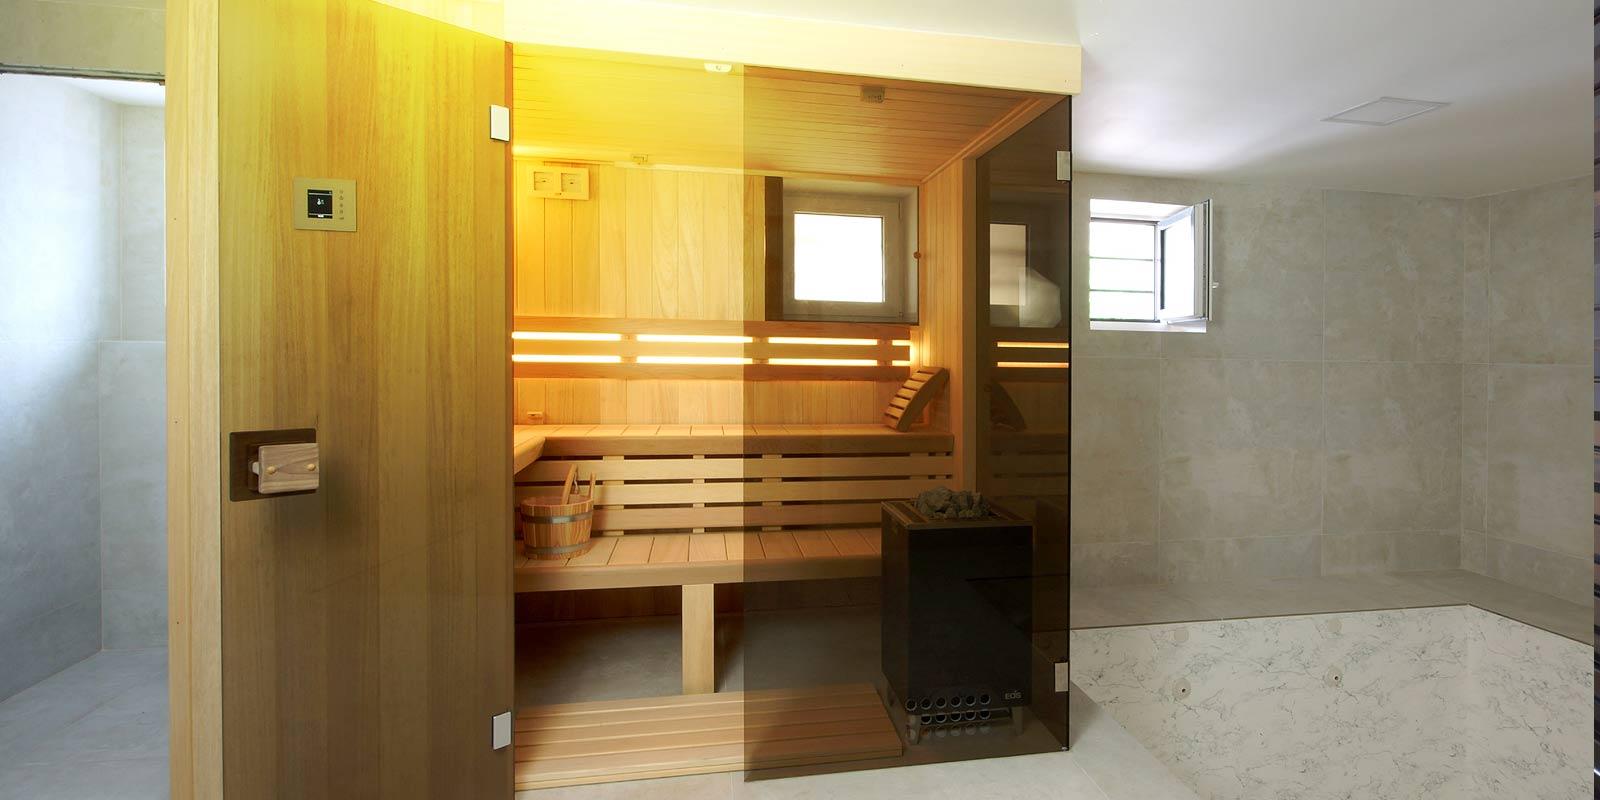 Finská sauna Modus s prosklenou čelní stěnou a obkladem ze dřeva abachi